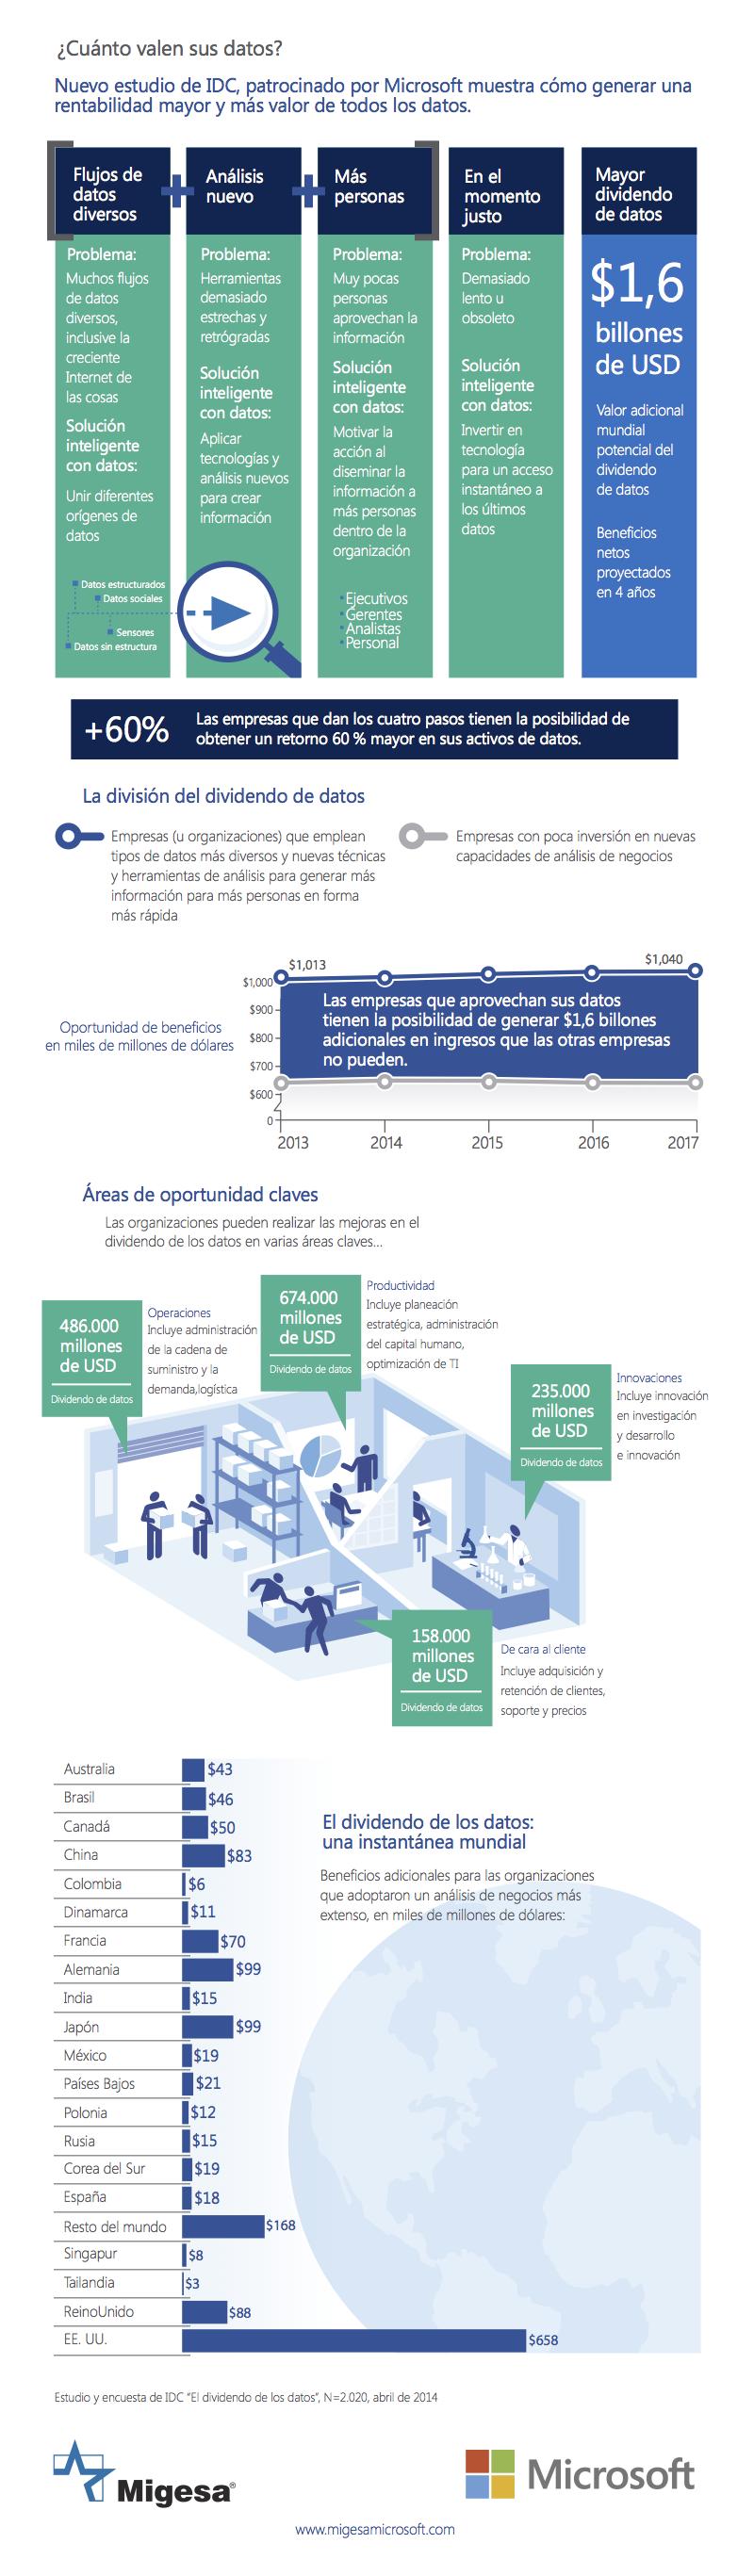 Infografía de dividendos de los datos